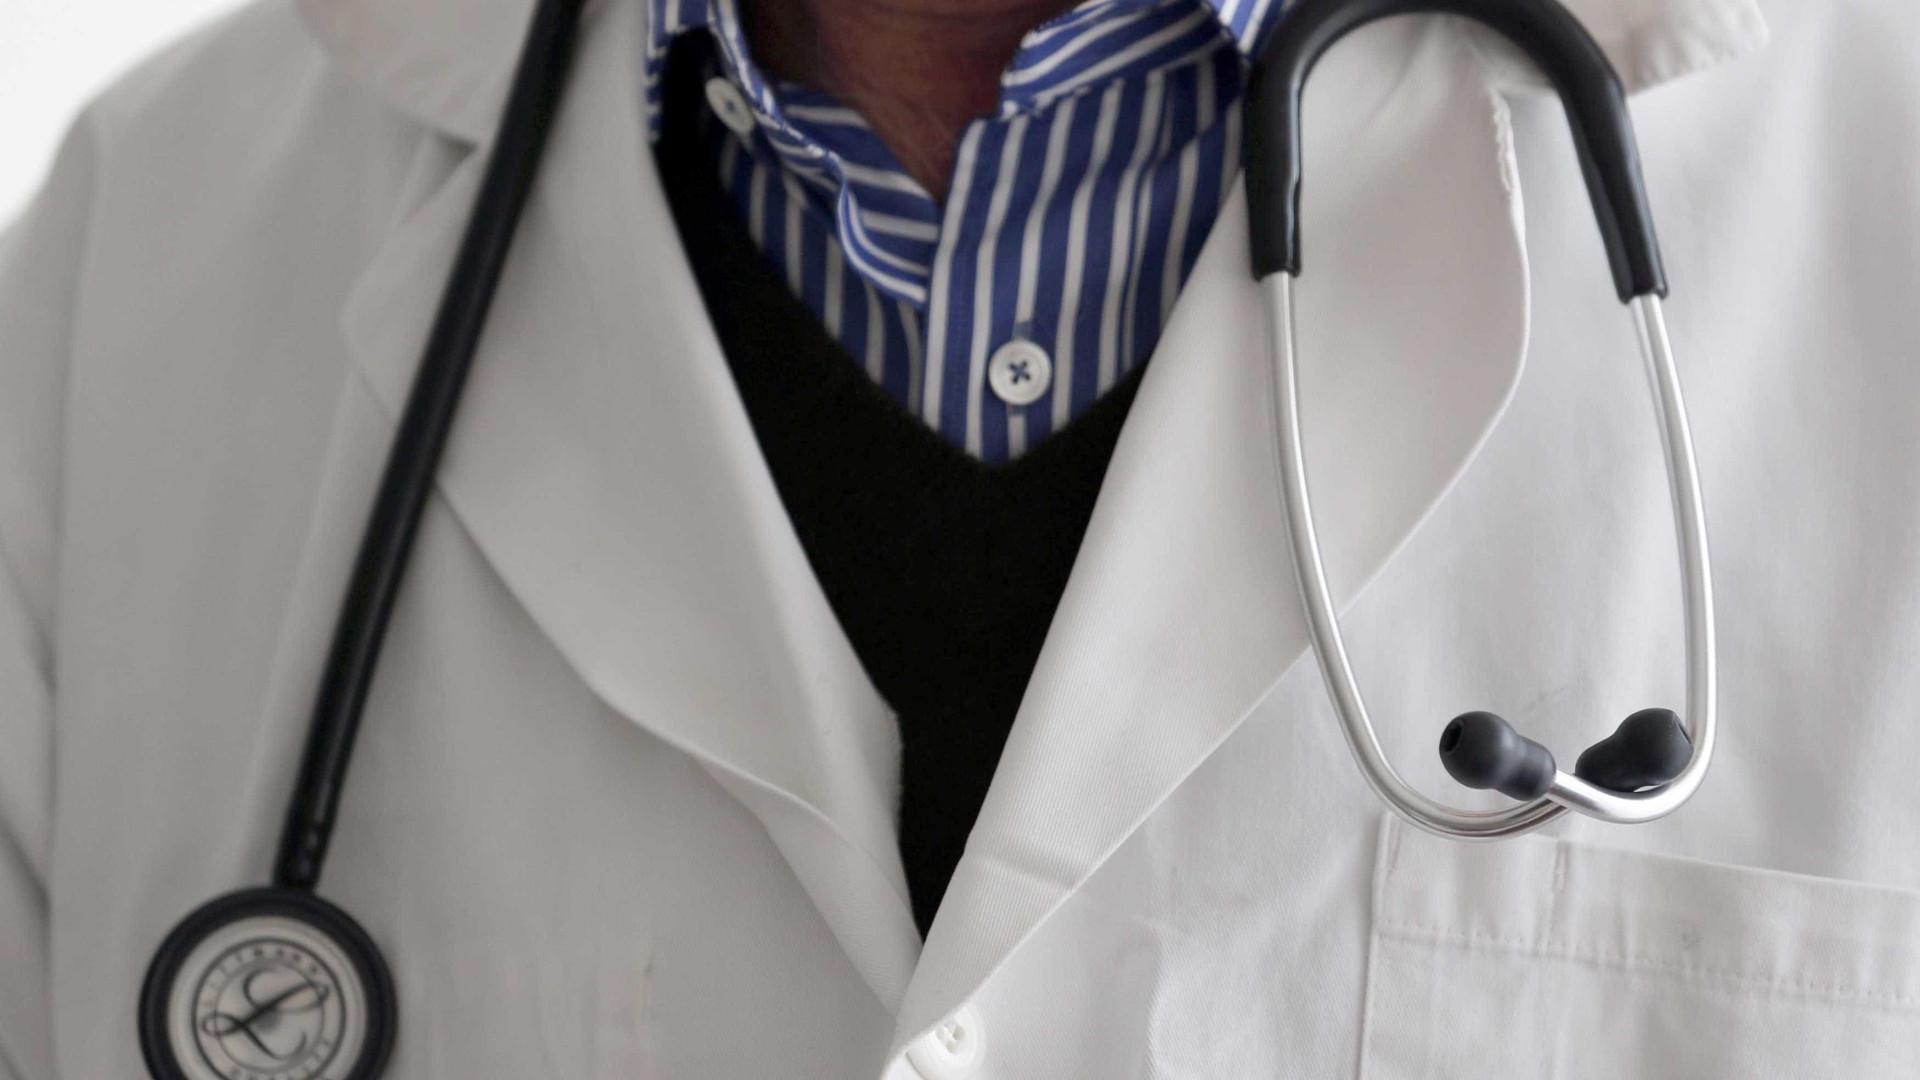 Médico é denunciado por fazer lipo na noiva em hospital público